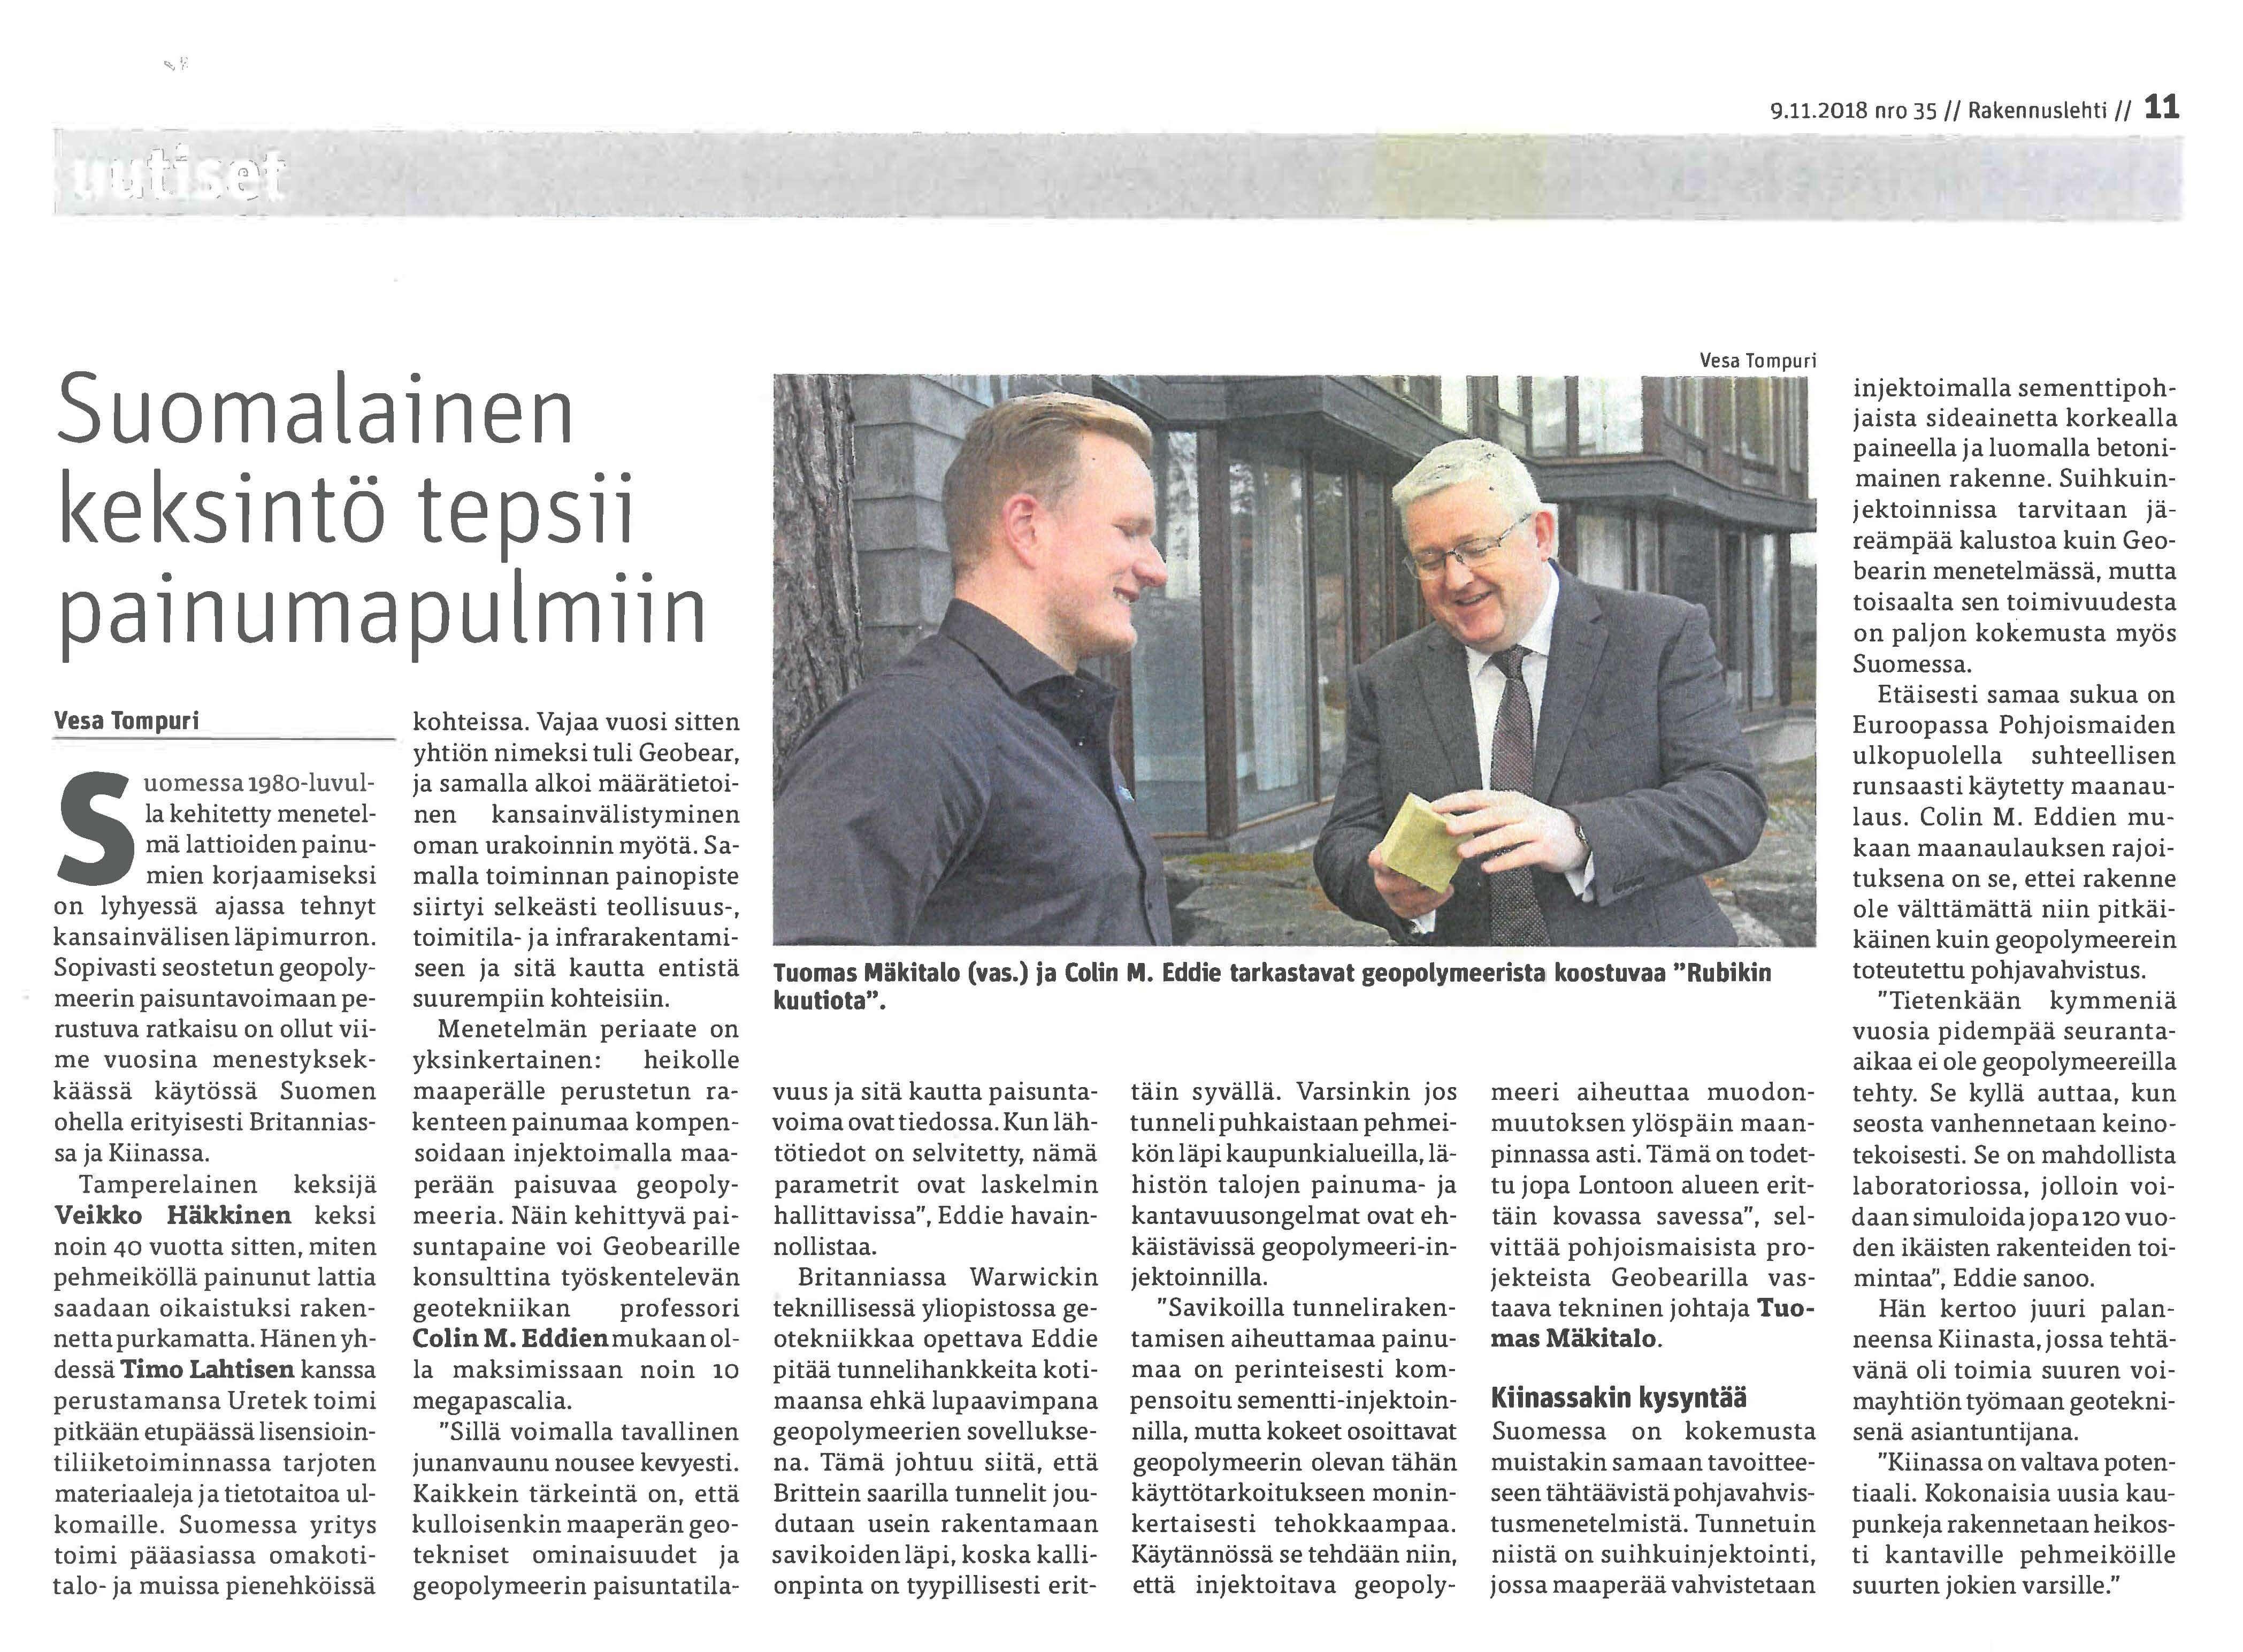 suomalainen-keksinto-tepsii-painumapulmiin